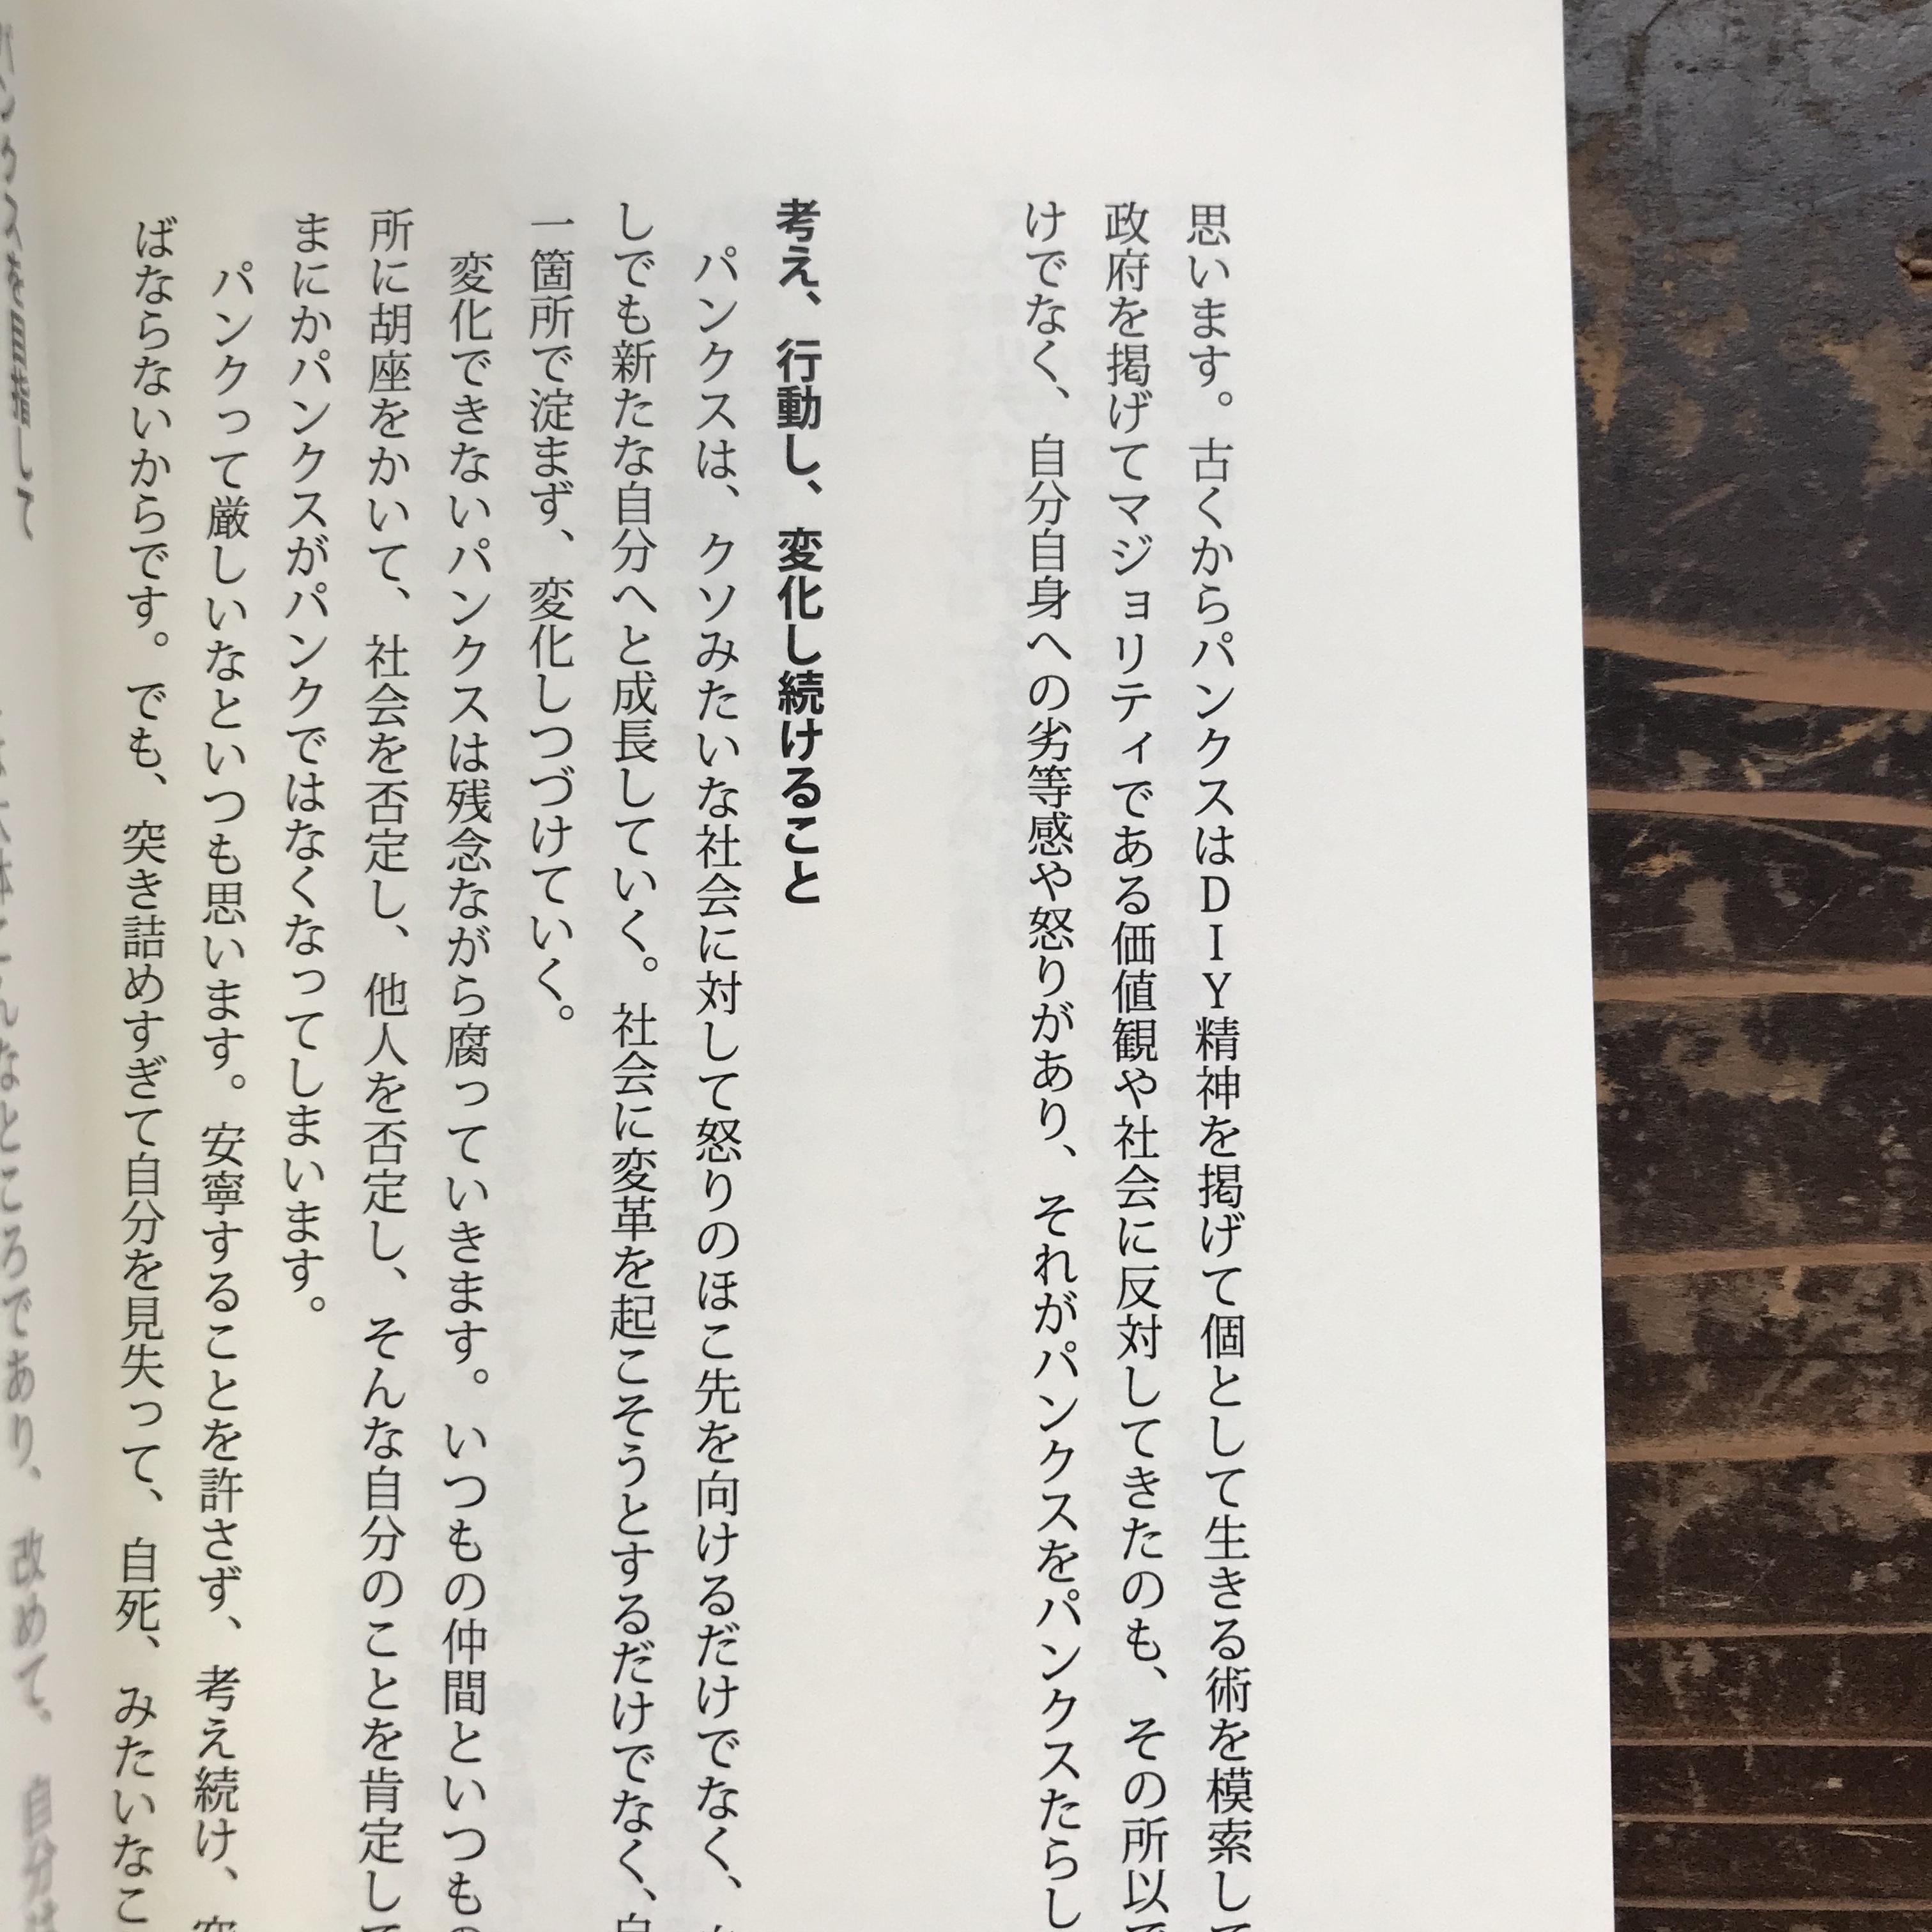 【委託】小野寺伝助/クソみたいな世界を生き抜くためのパンク的読書